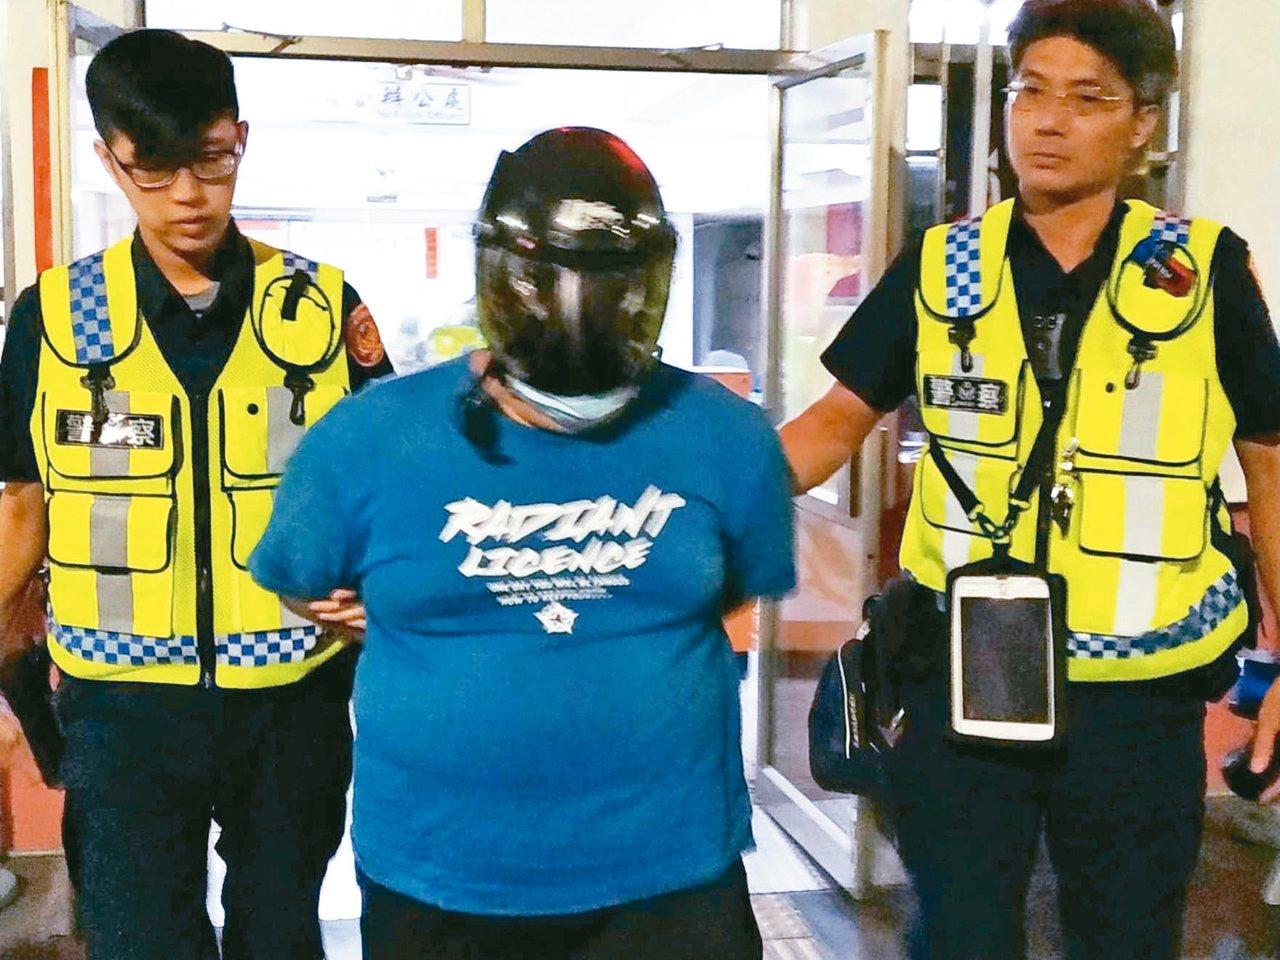 李姓男子(中)弒母,警方移送地檢署。 記者邱奕能/攝影